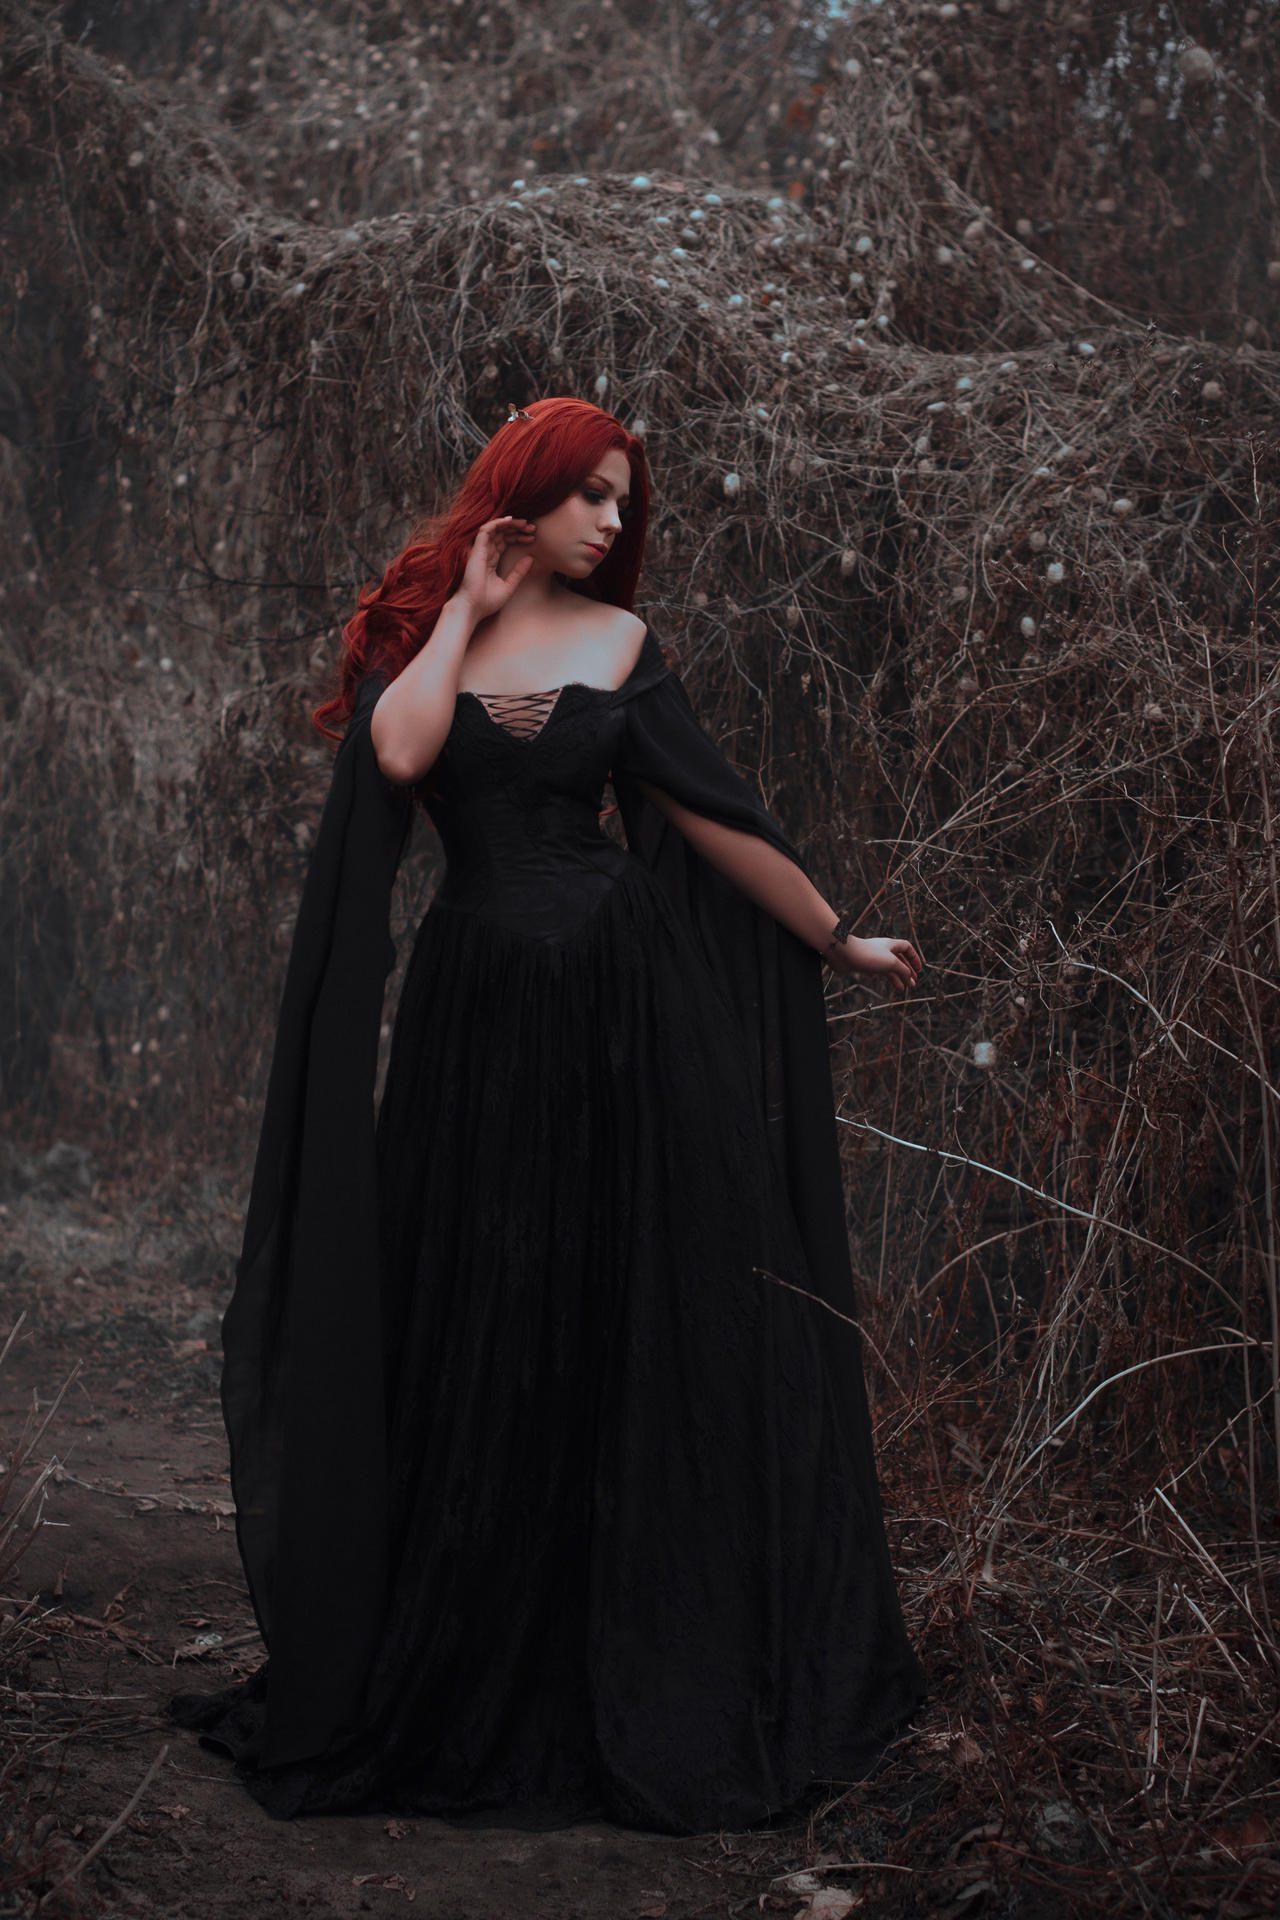 Persephone Cosplay